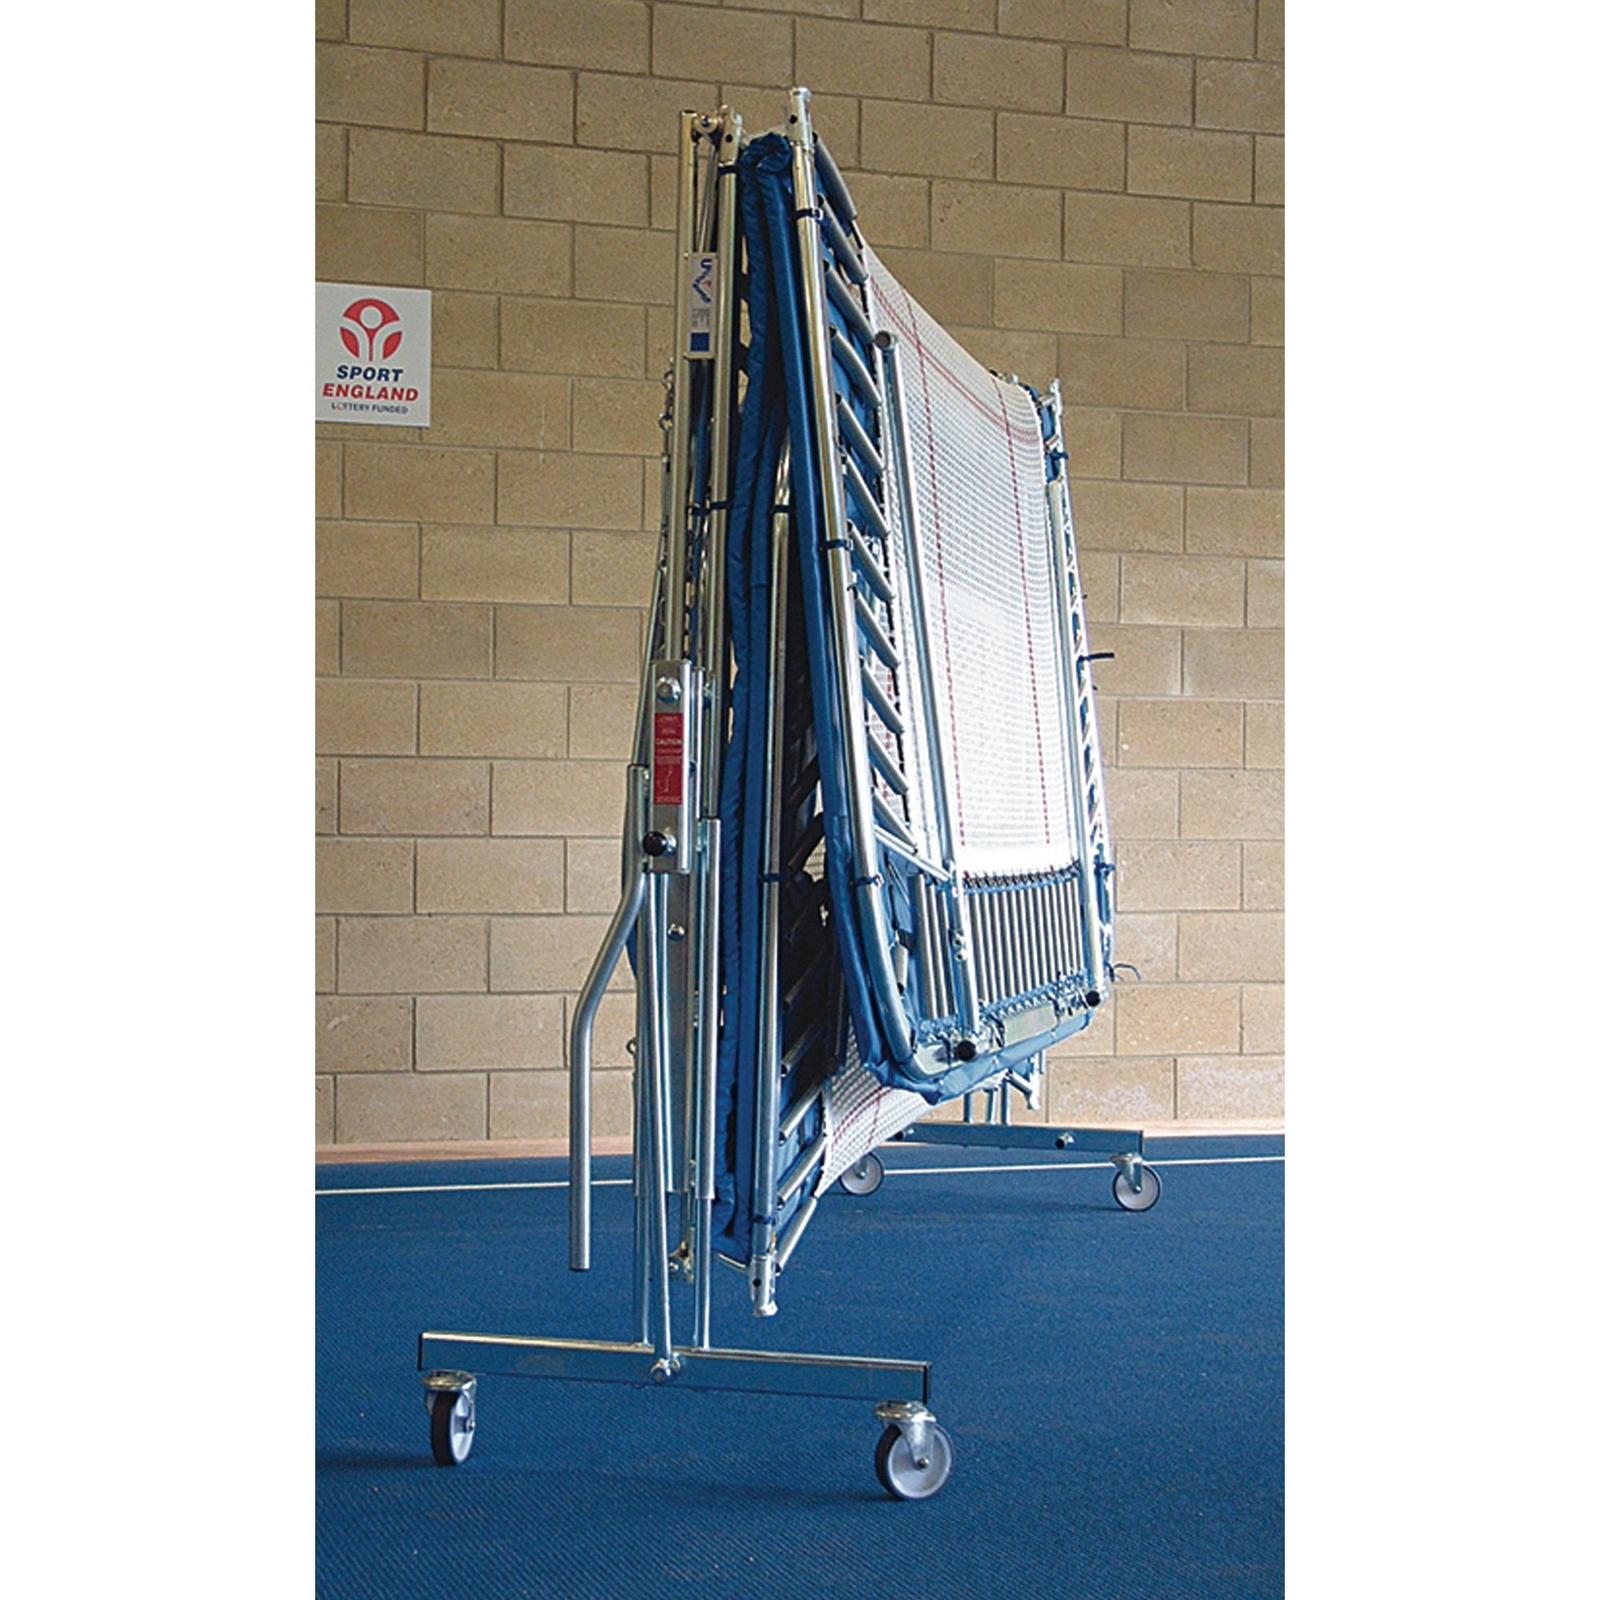 Trampoline Lift/Low Roller Stands - School